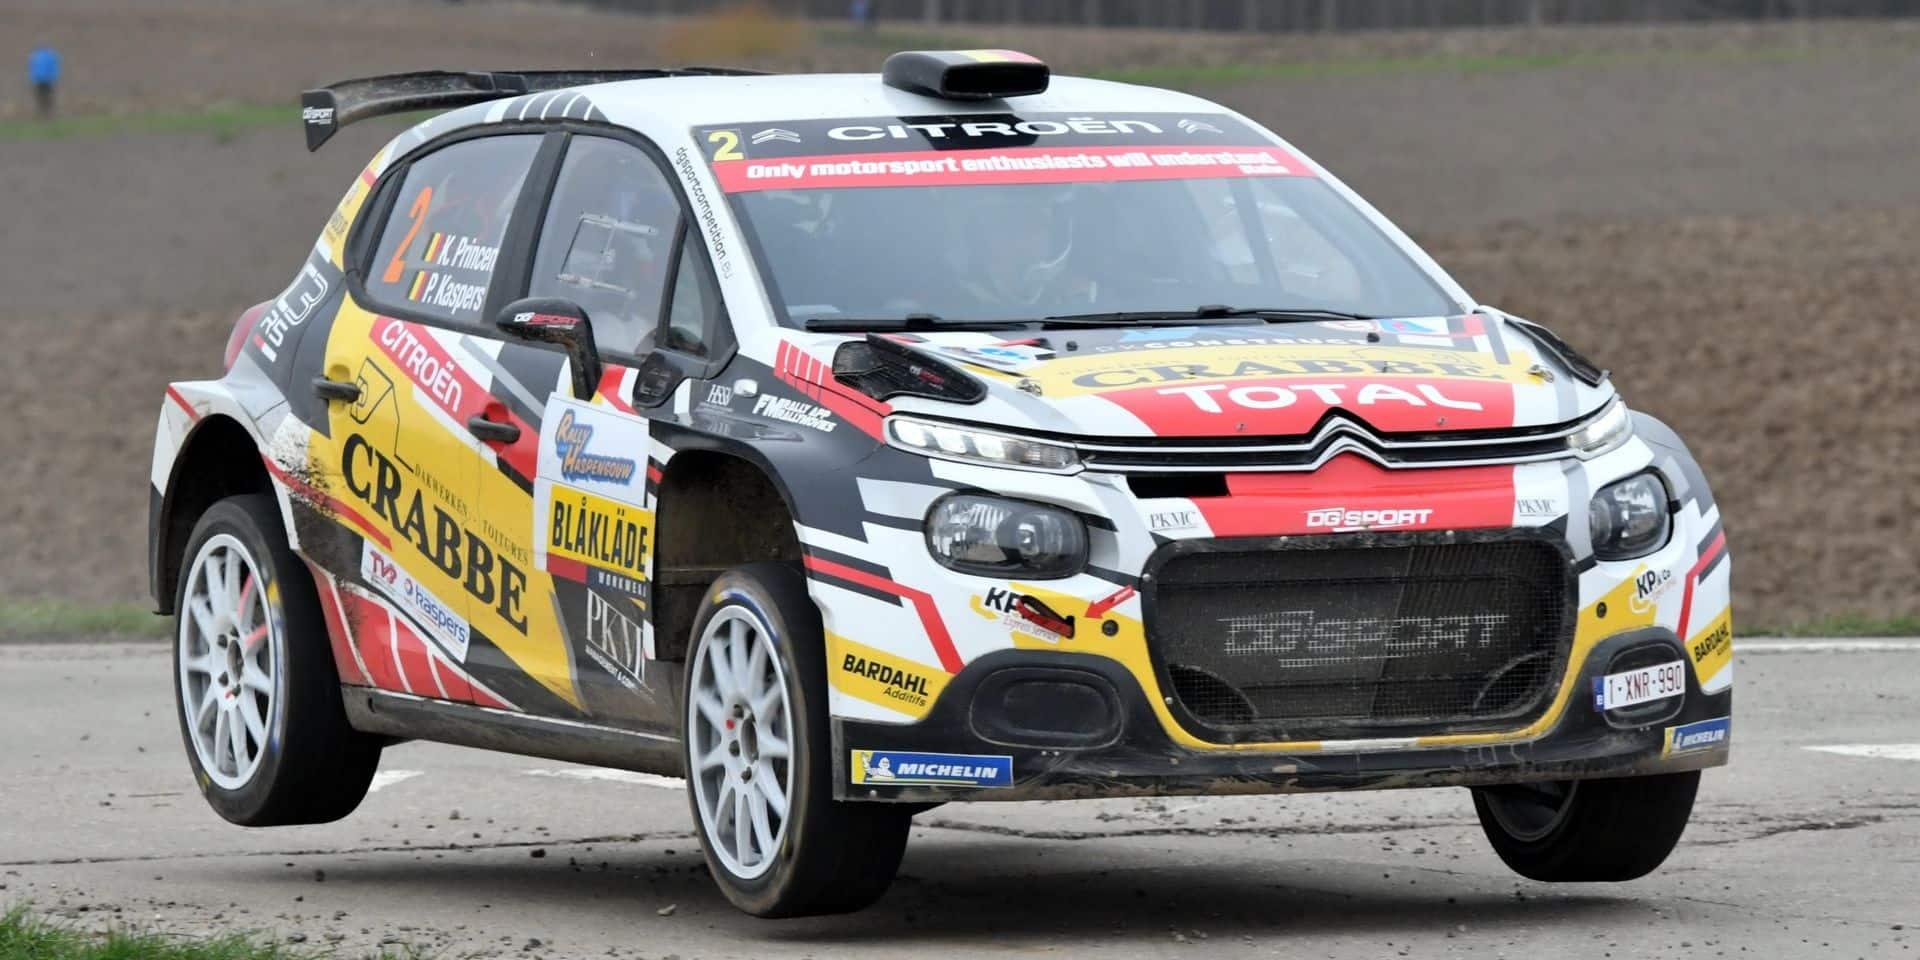 Les règles changent en championnat de Belgique des rallyes: 4 rallyes suffiront pour être couronné!